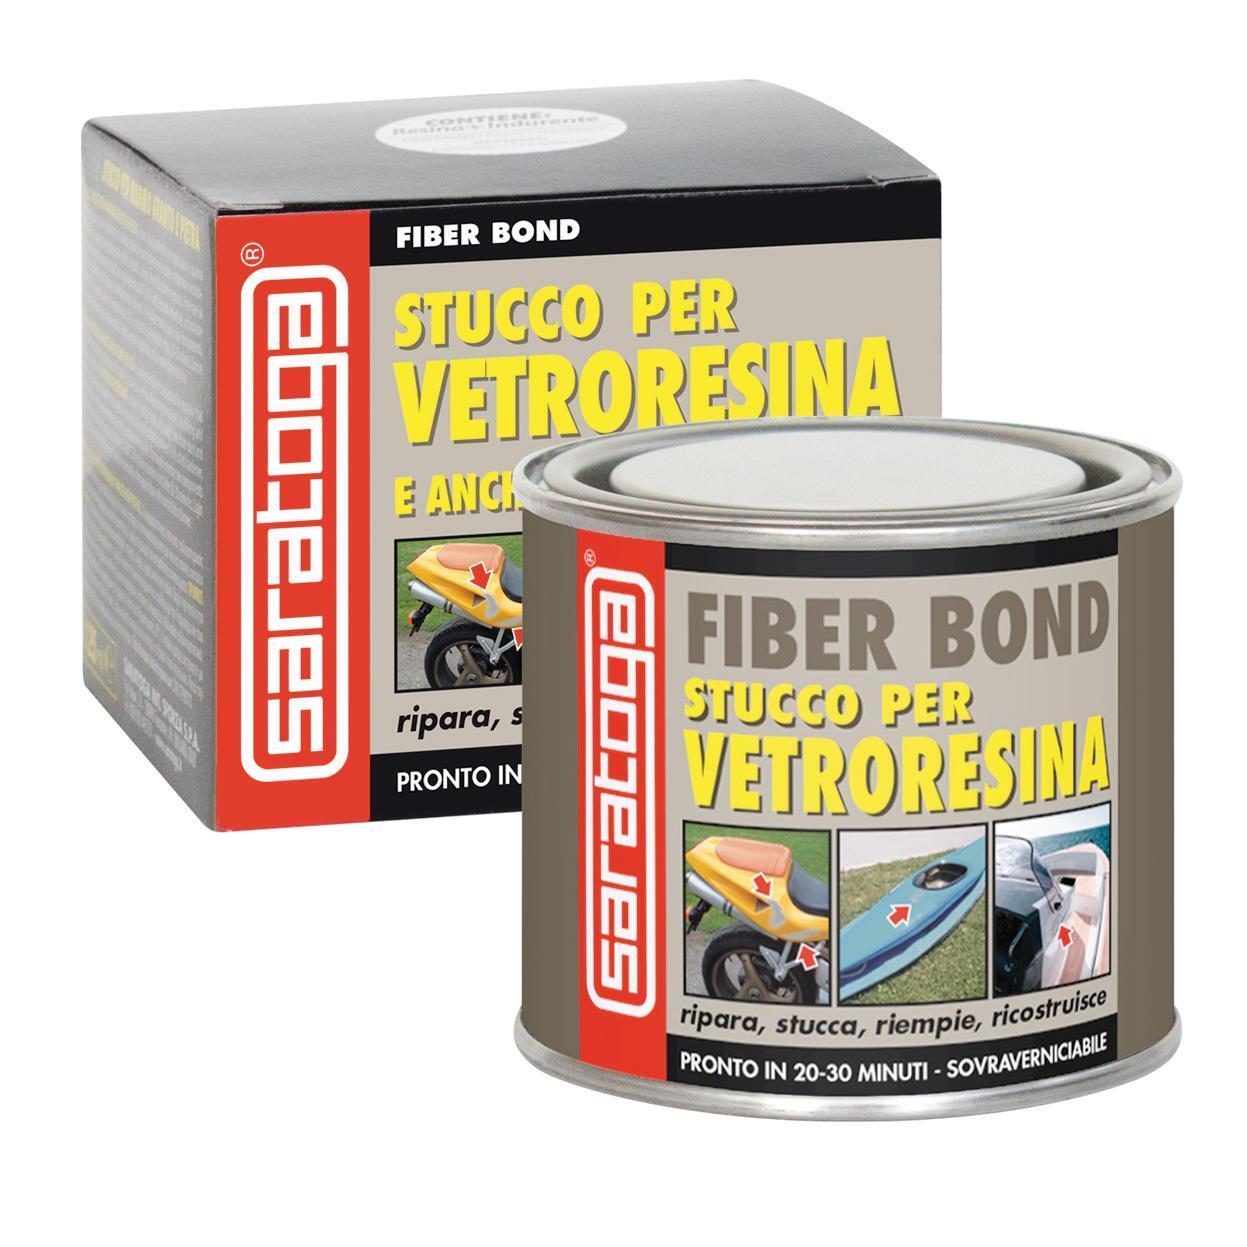 Stucco di riparazione plastica e vetroresina SARATOGA Fiber Bond 125 ml - 1